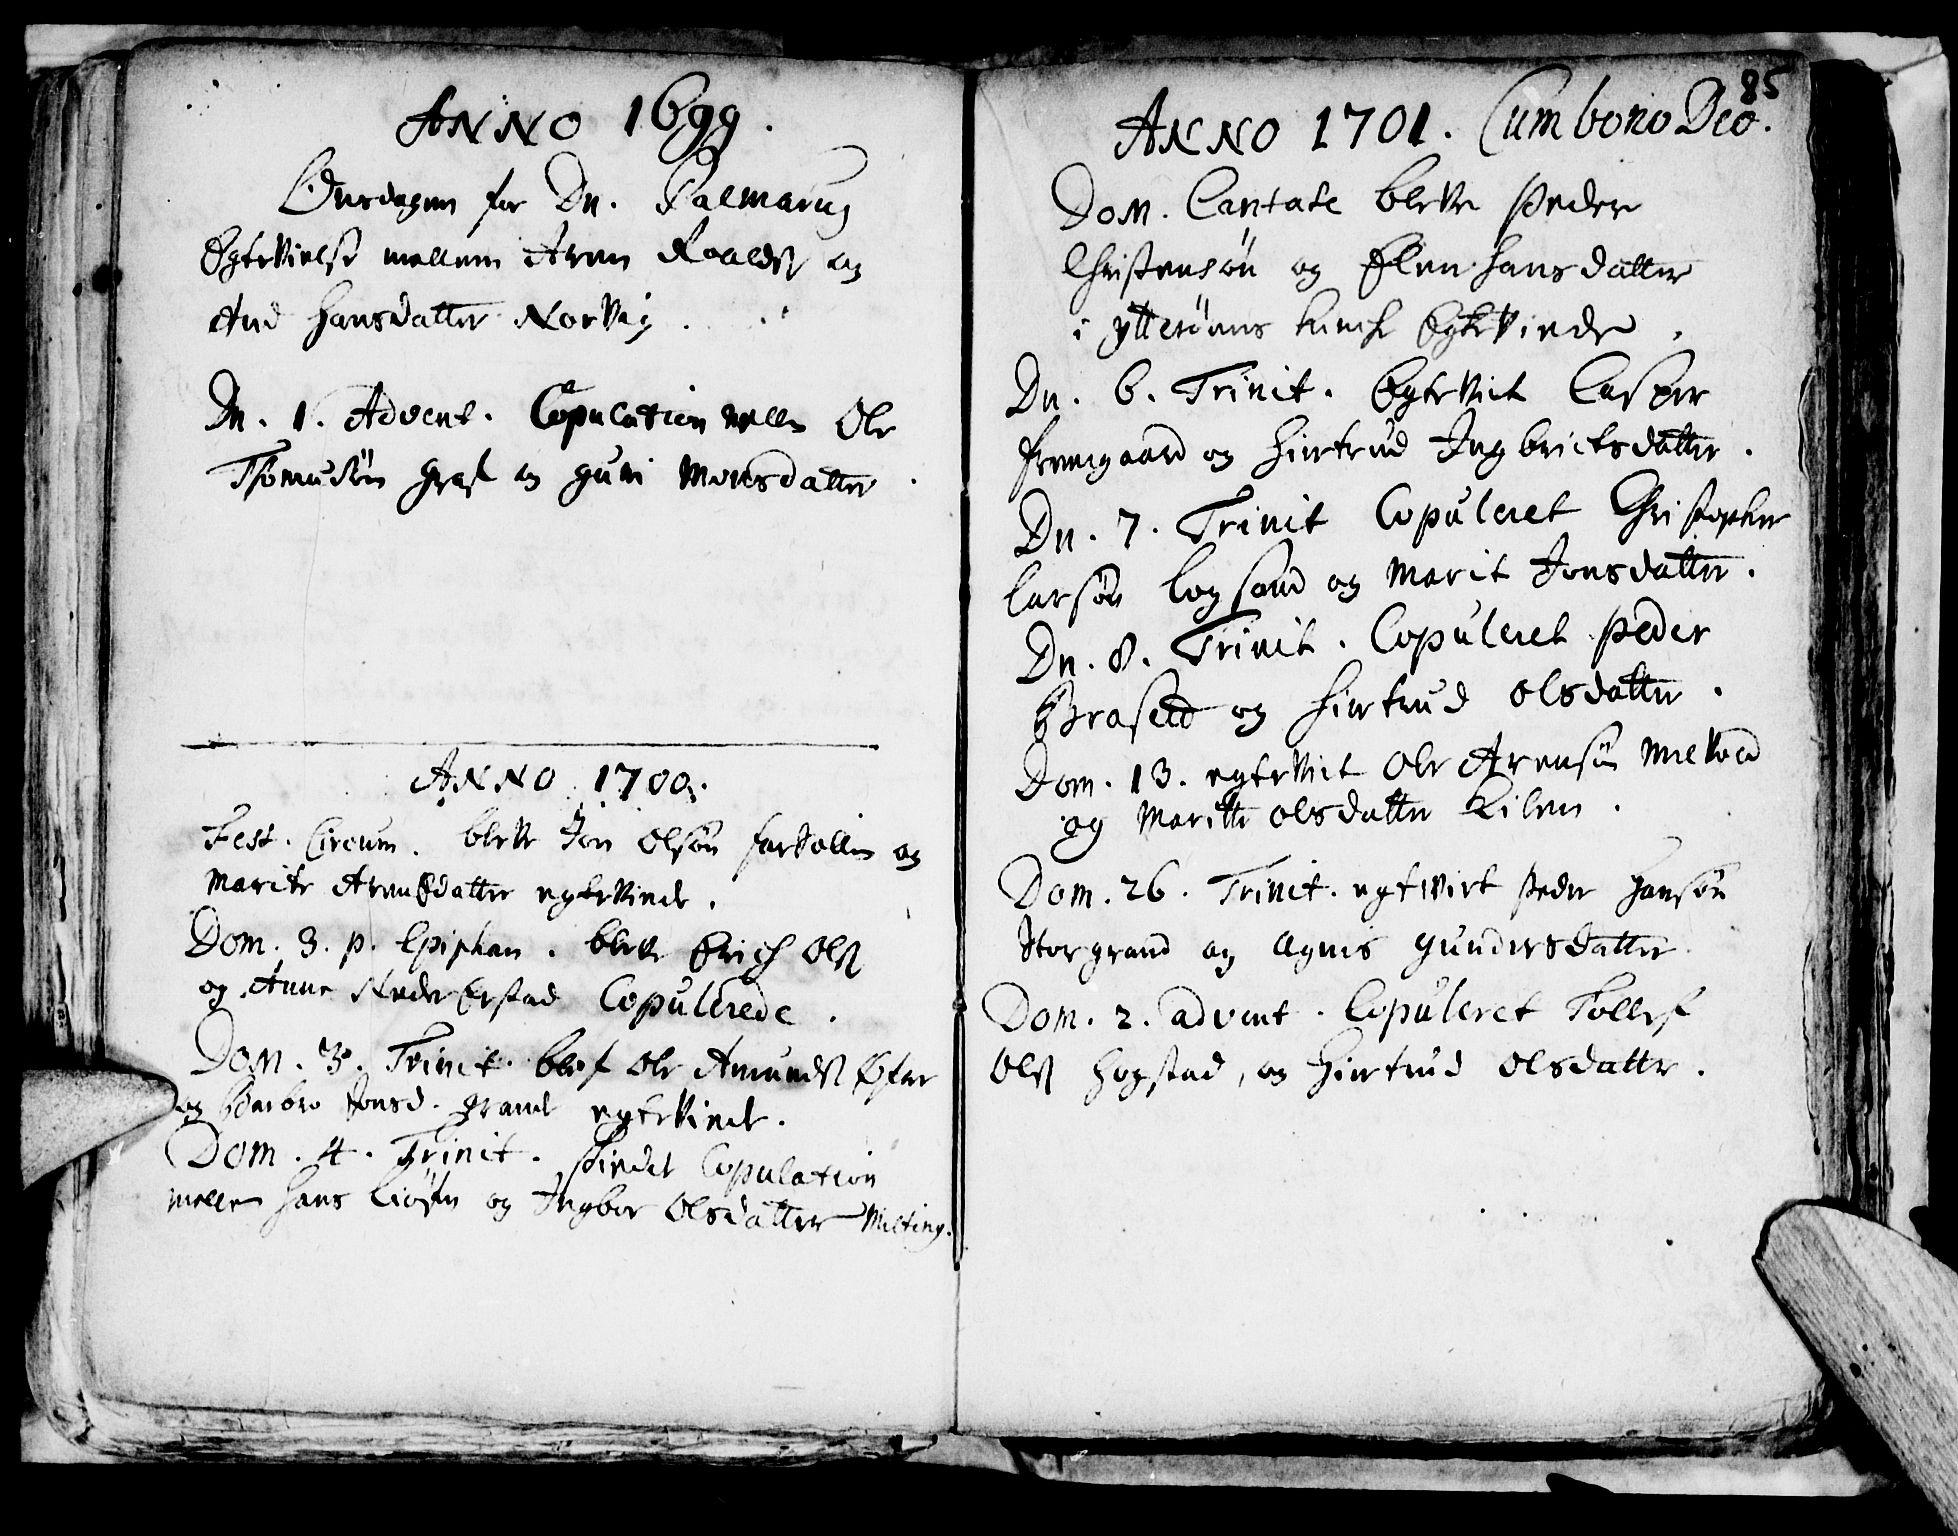 SAT, Ministerialprotokoller, klokkerbøker og fødselsregistre - Nord-Trøndelag, 722/L0214: Ministerialbok nr. 722A01, 1692-1718, s. 85b